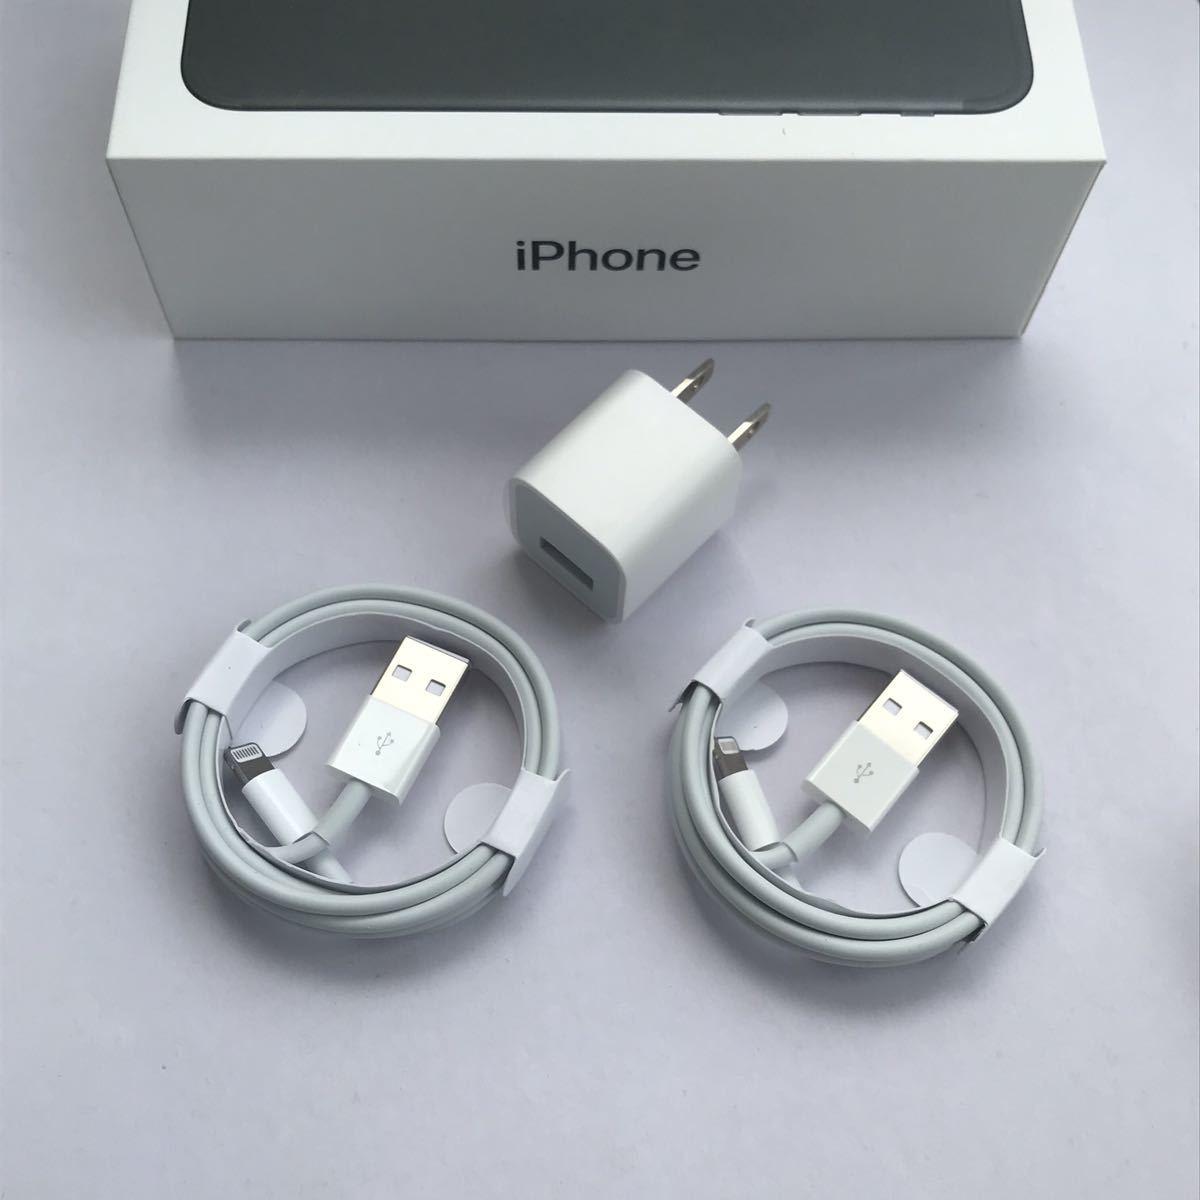 iPhone 充電器 充電ケーブル コード lightning cable 3点 ライトニングケーブル 充電ケーブル 格安 SALE セール